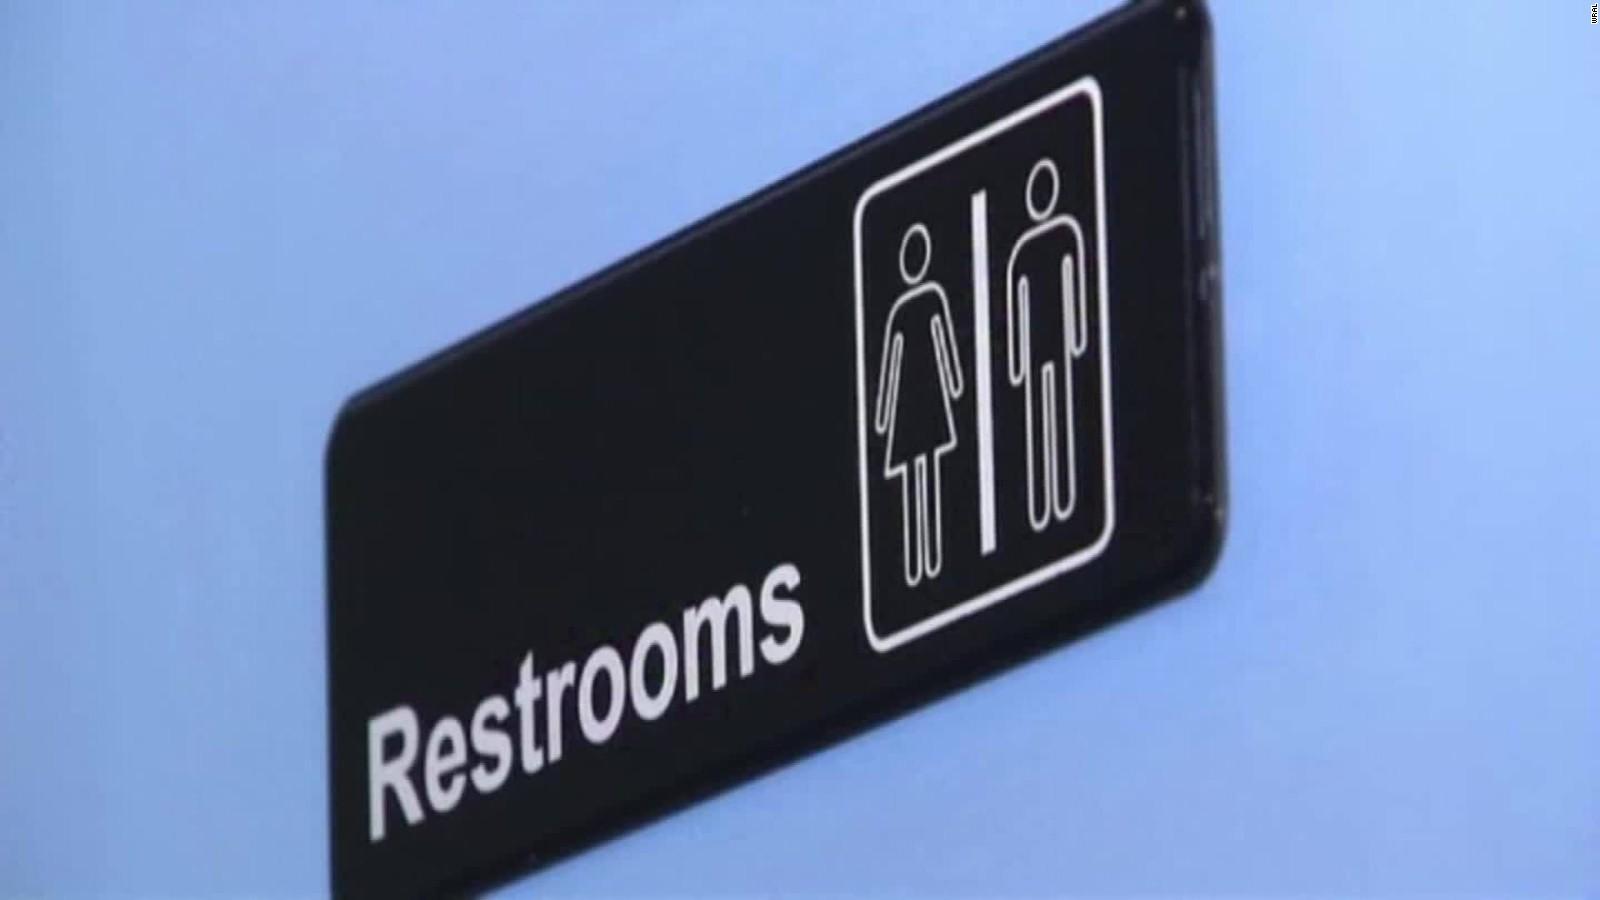 north carolina 'bathroom bill' repealed - cnnpolitics